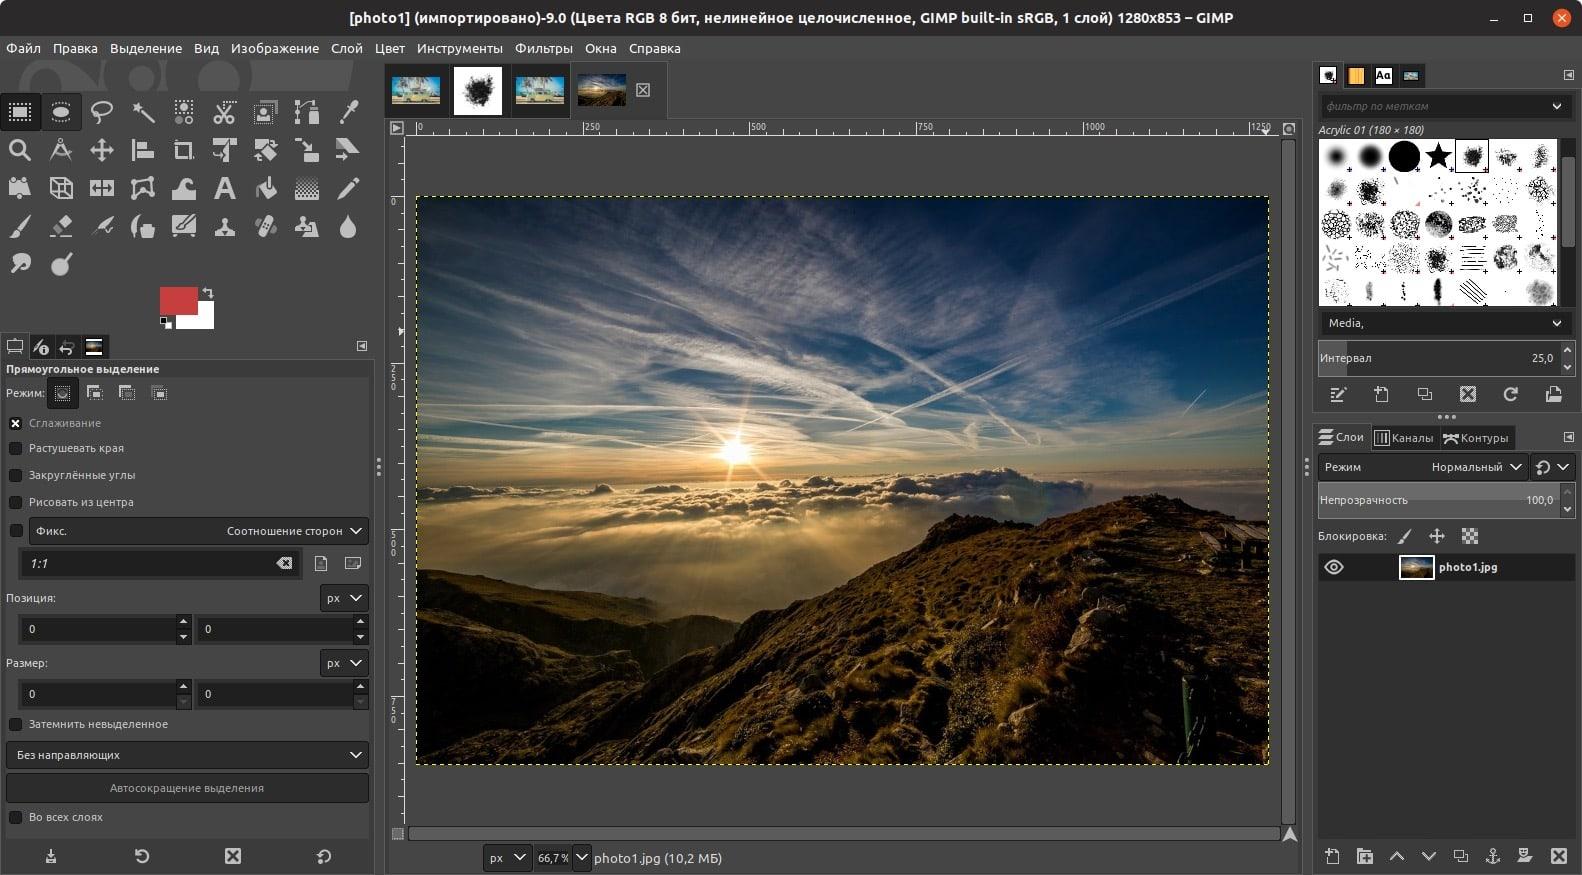 GIMP - растровый графический редактор для Linux, скачать бесплатно ...